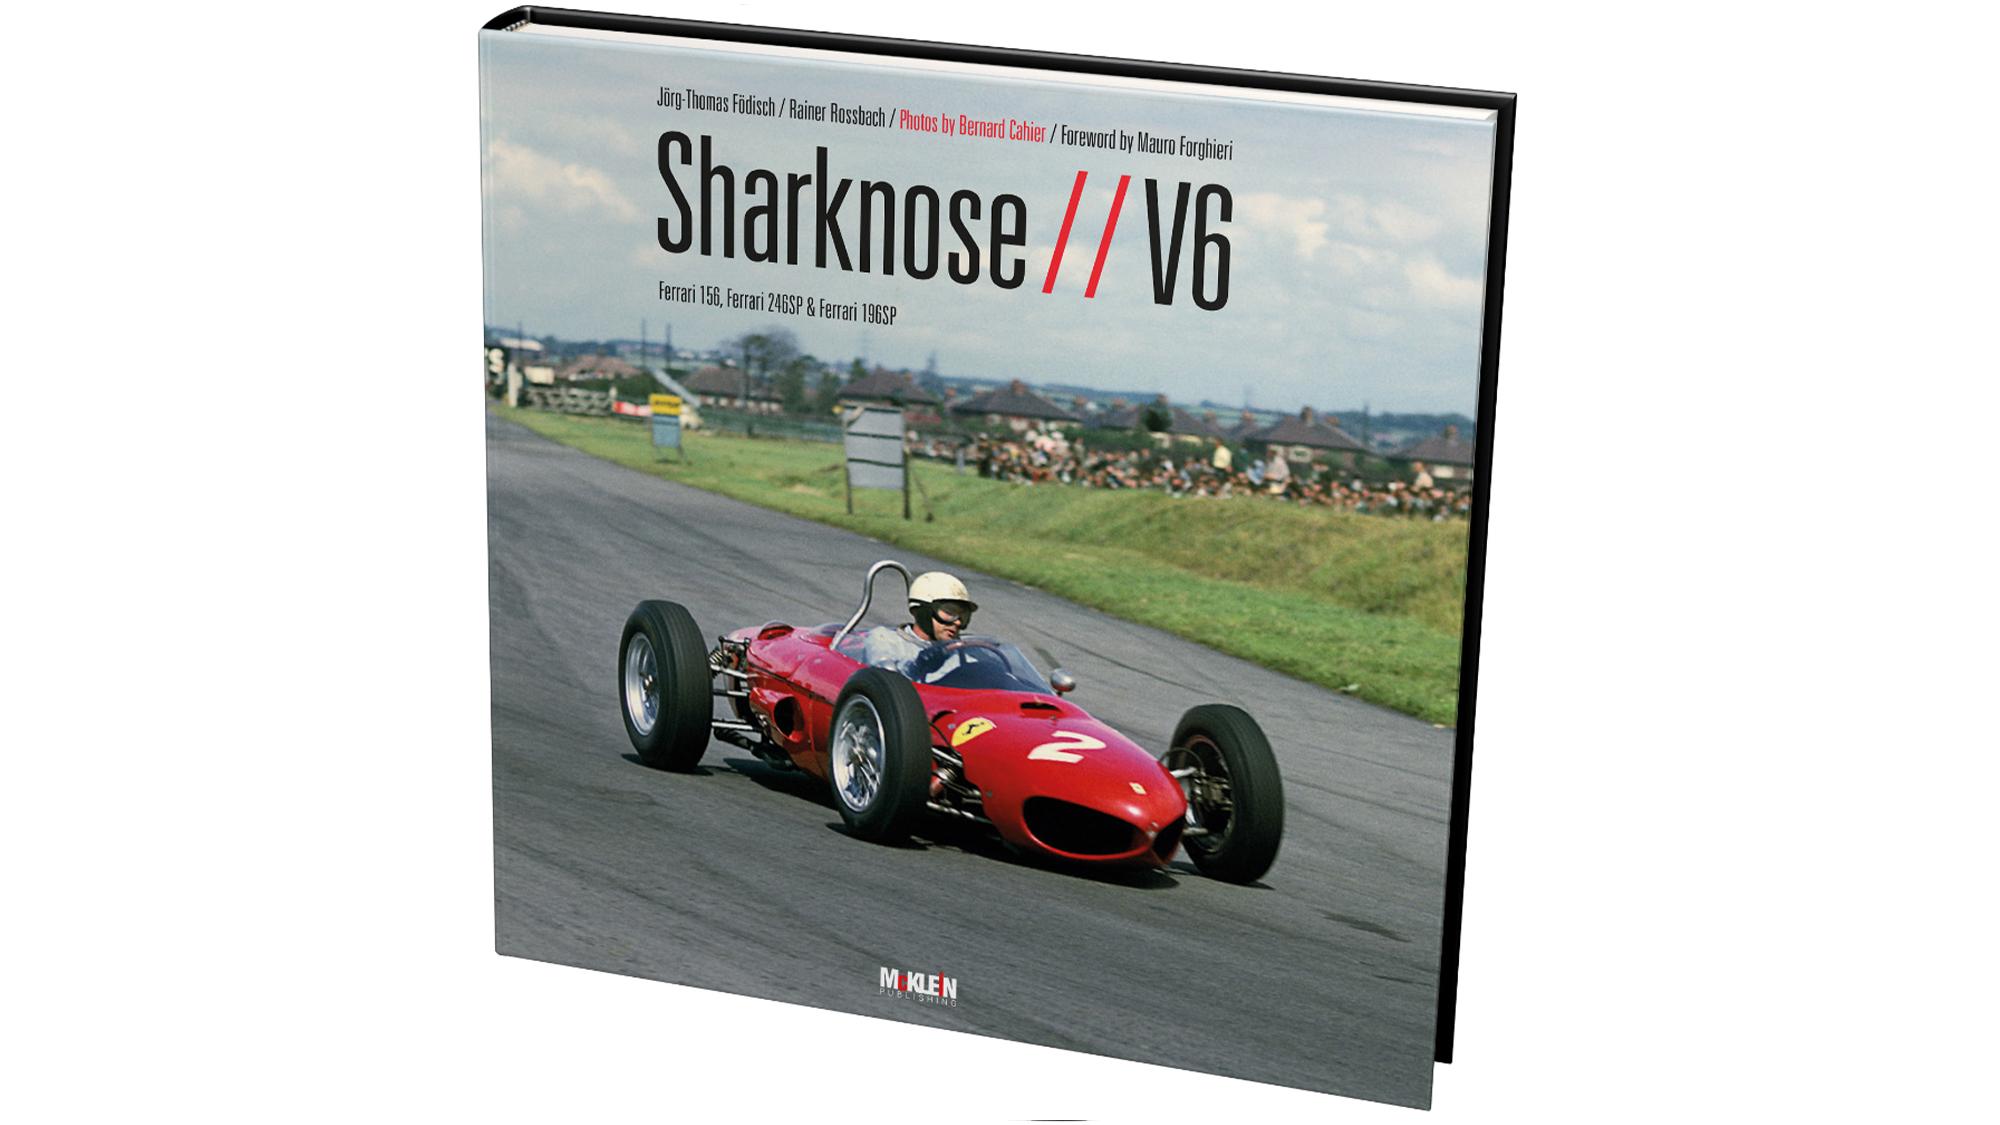 Sharknose V6 book